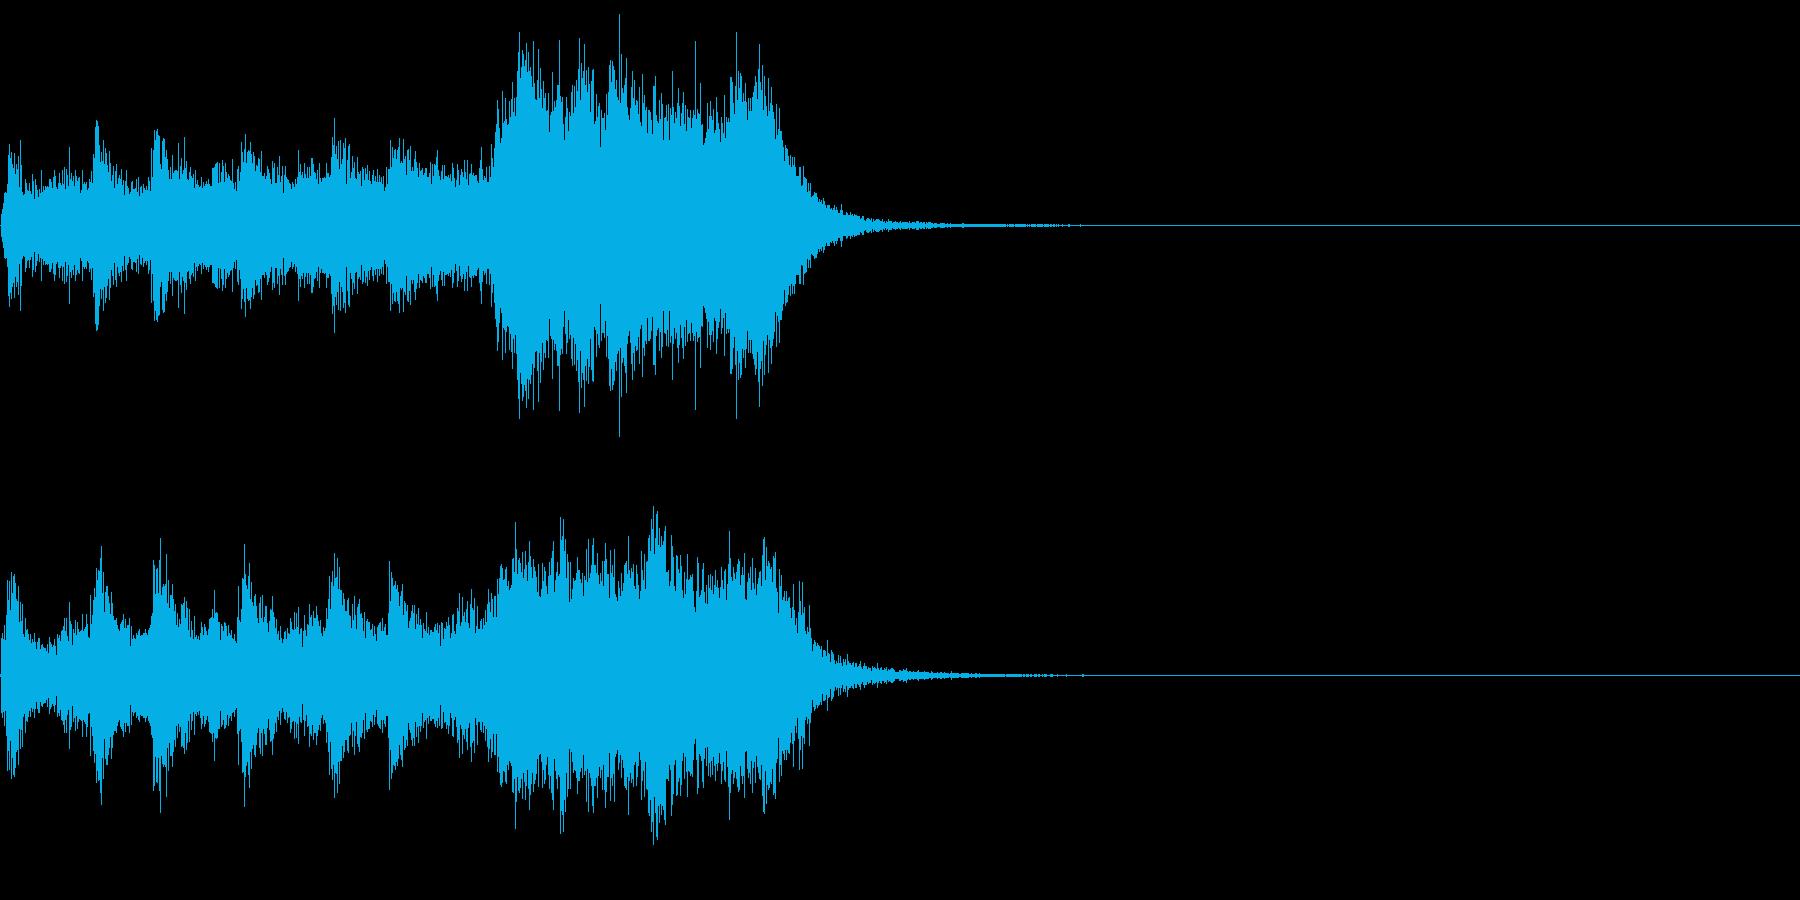 オーケストラと和太鼓の短い力強いフレーズの再生済みの波形